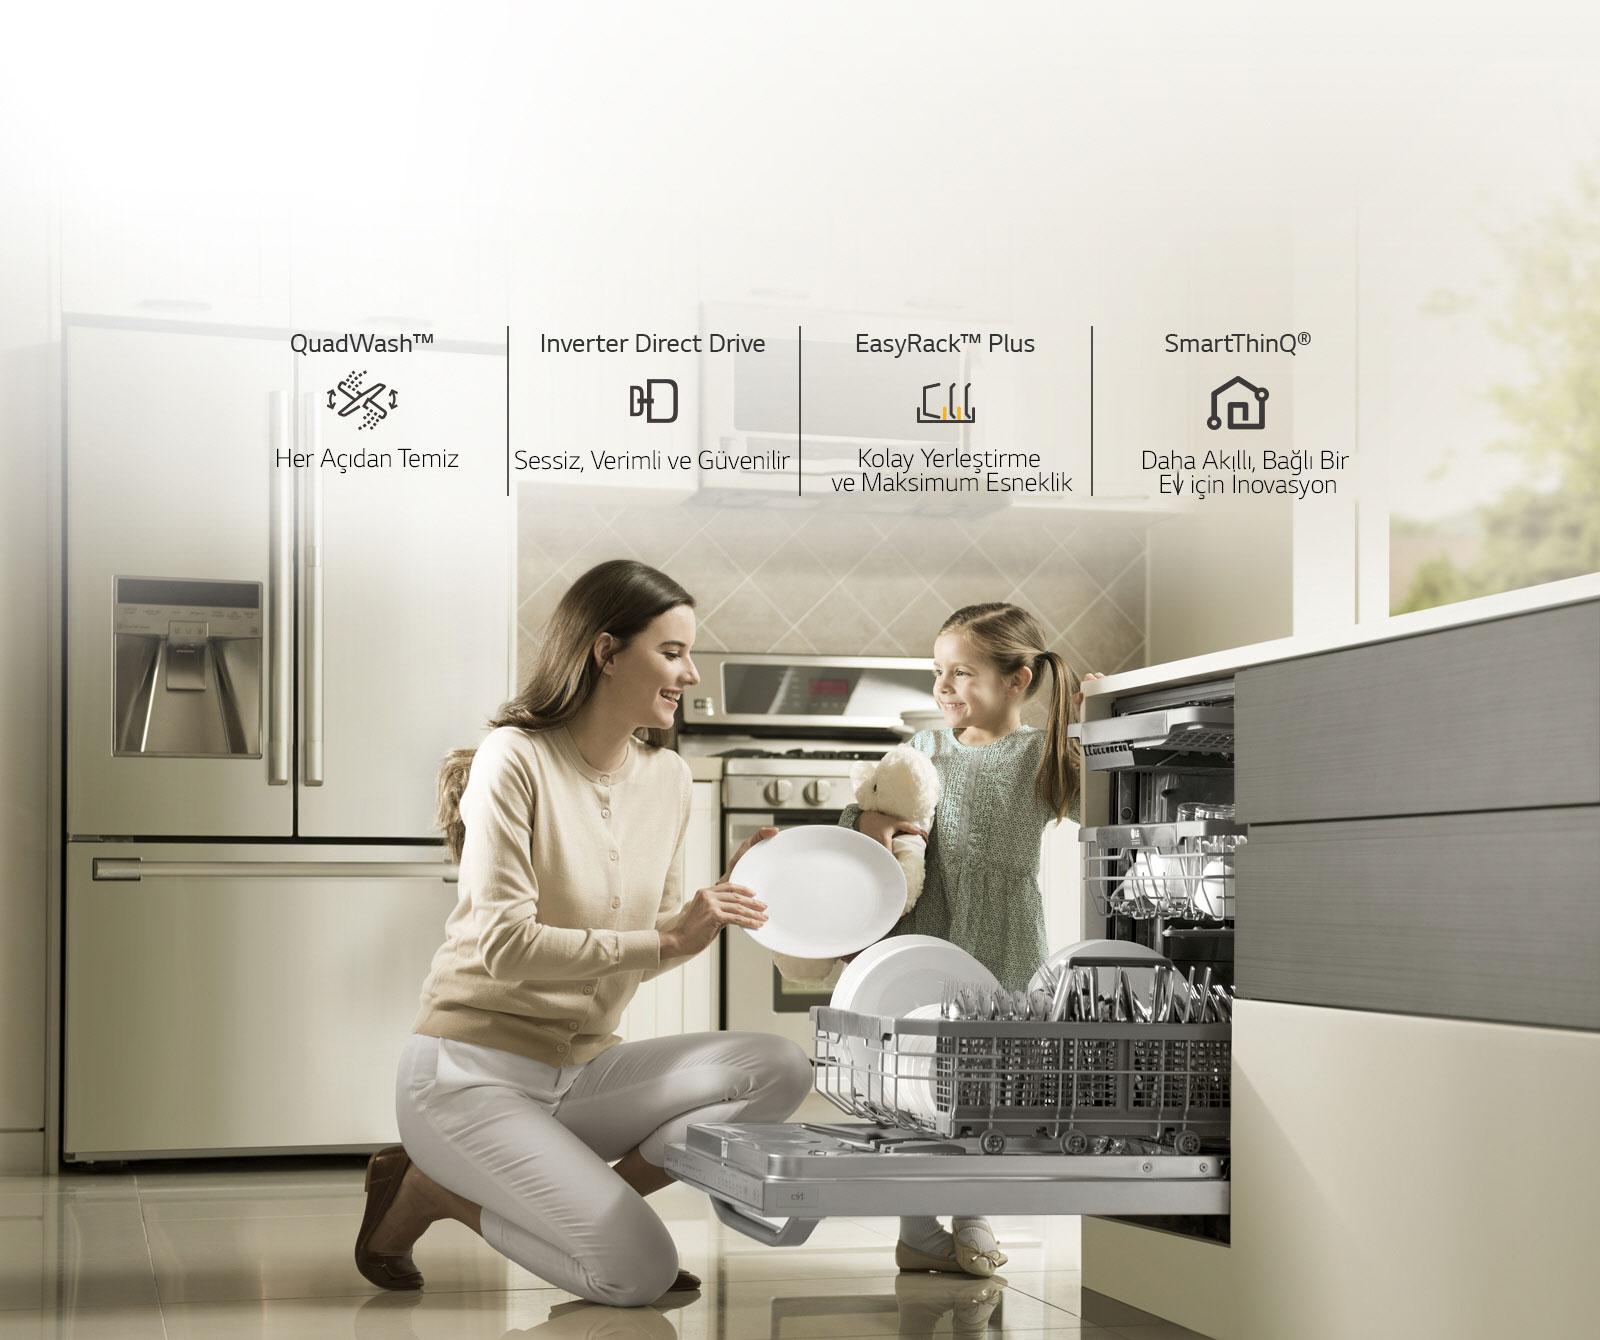 LG Bulaşık Makinesi Satın Almak için 4 Sebep<br>3